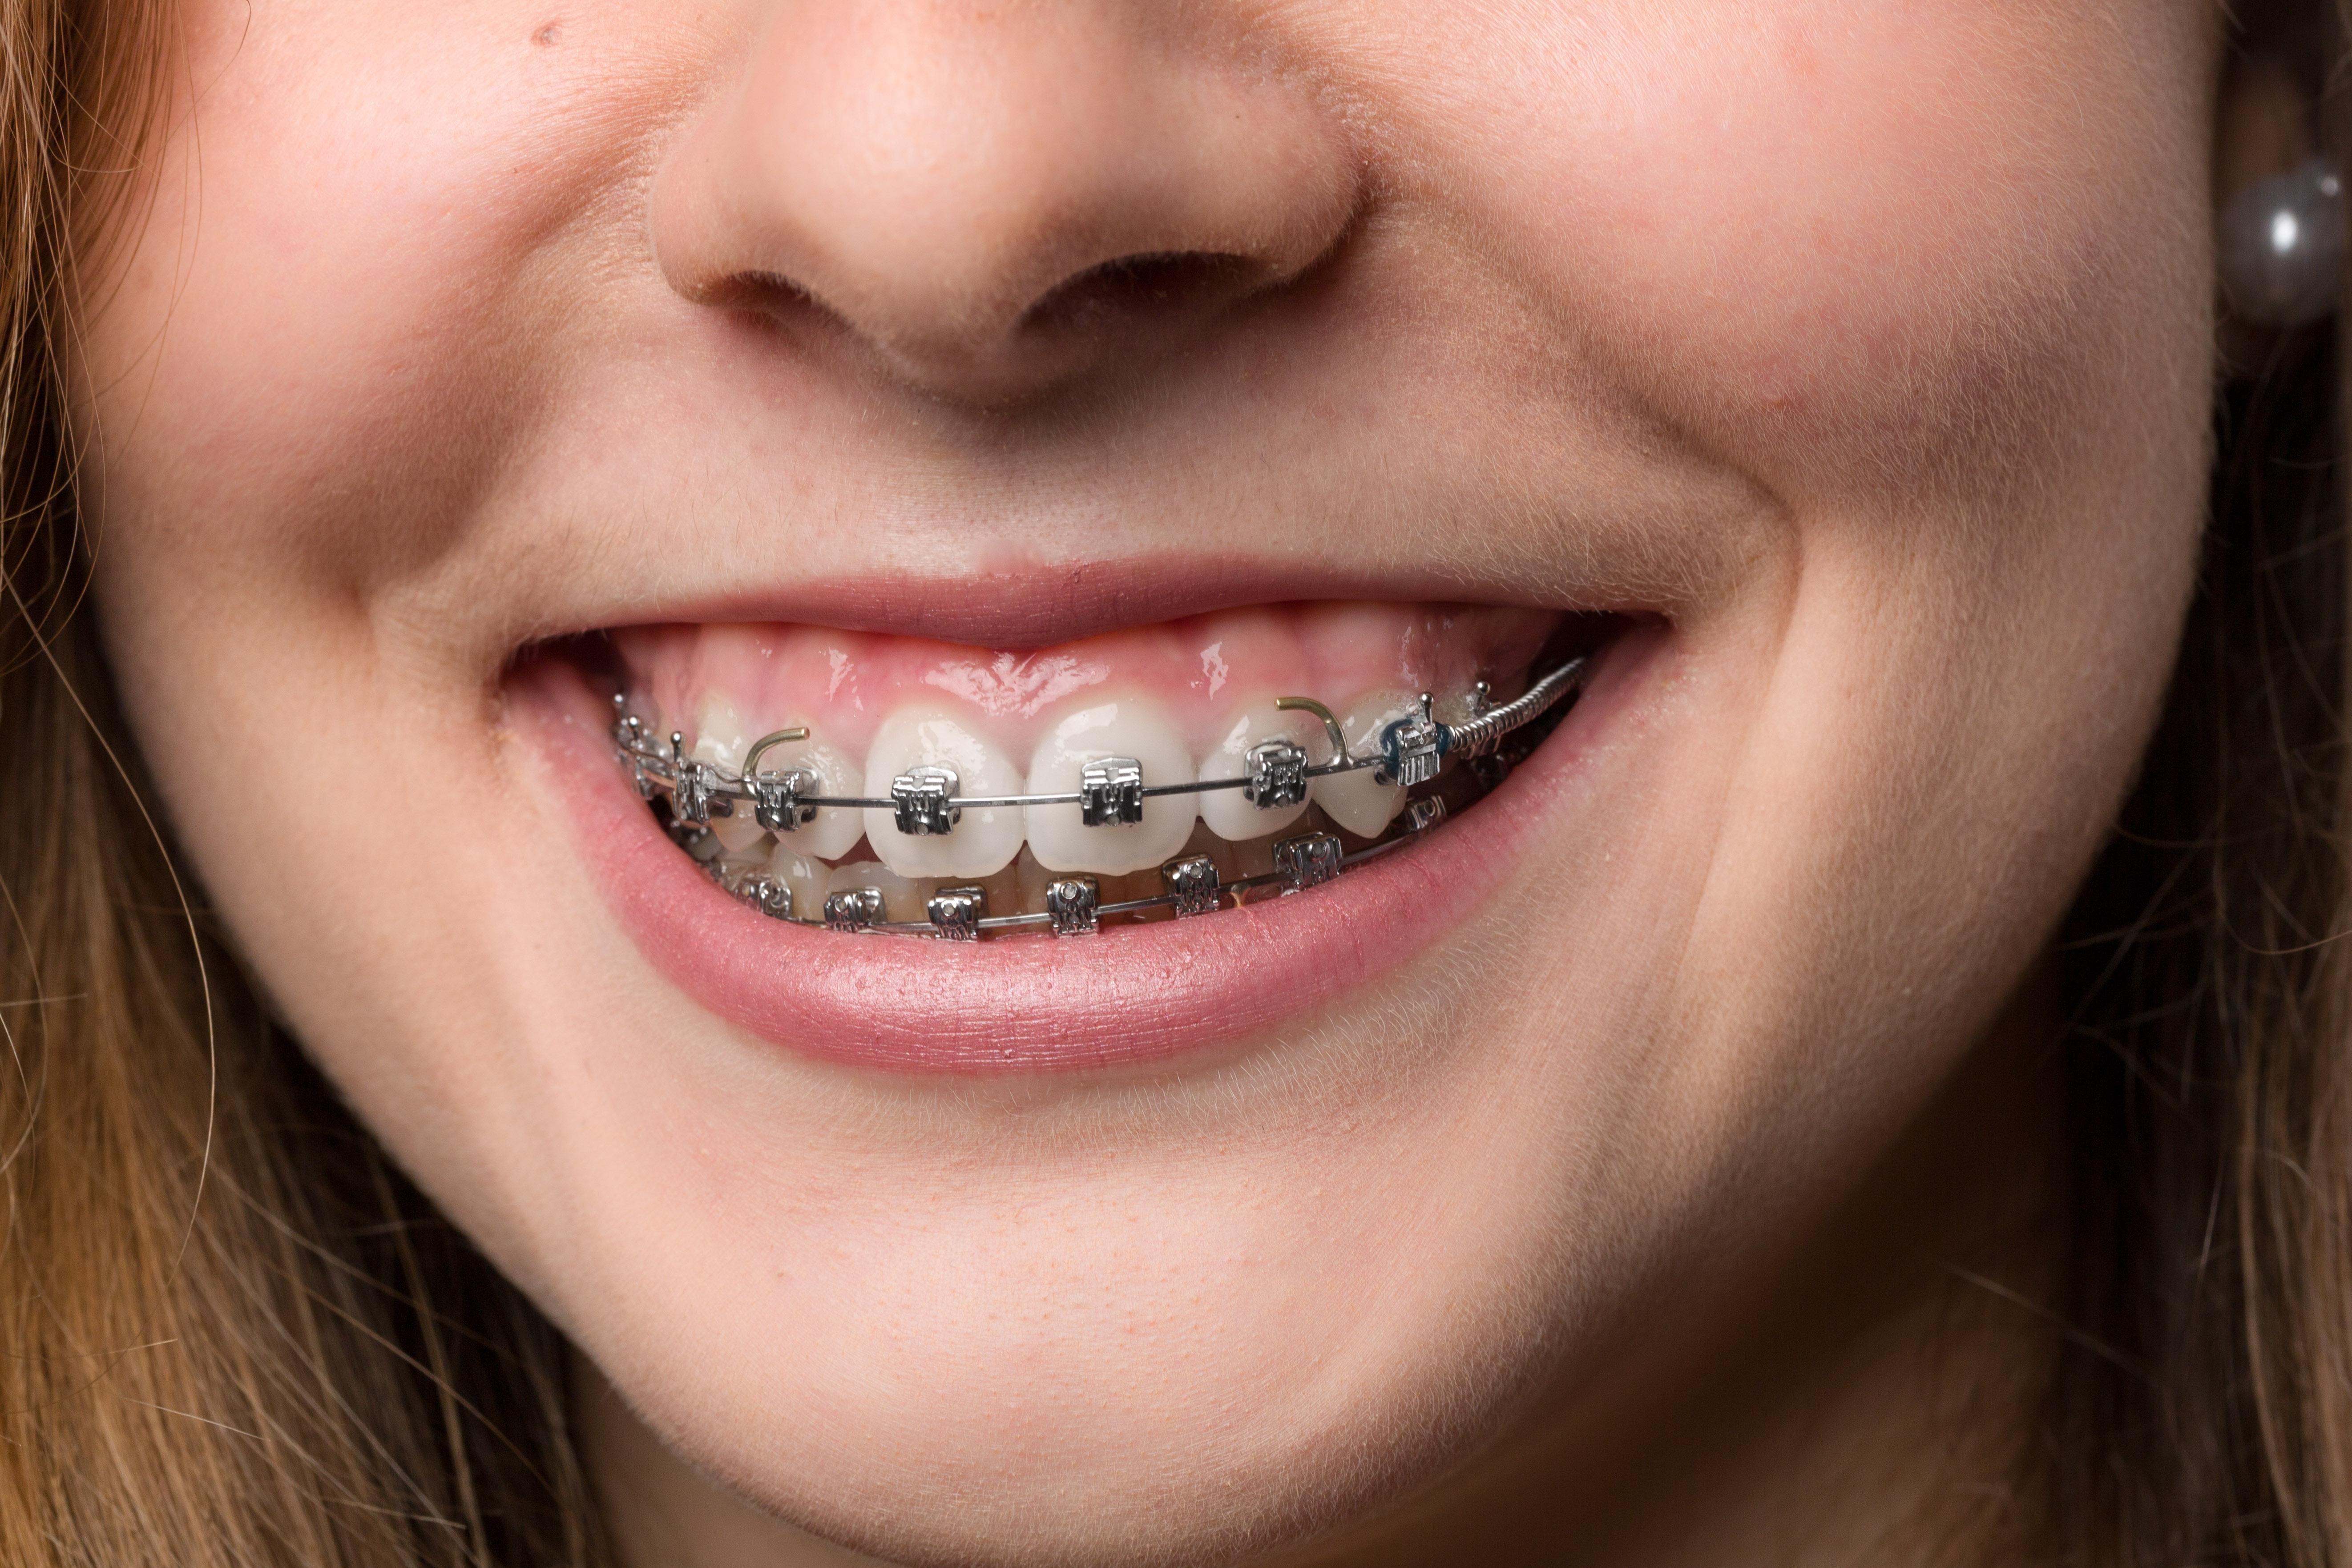 Pautas alimentarias en personas portadoras de ortodoncia